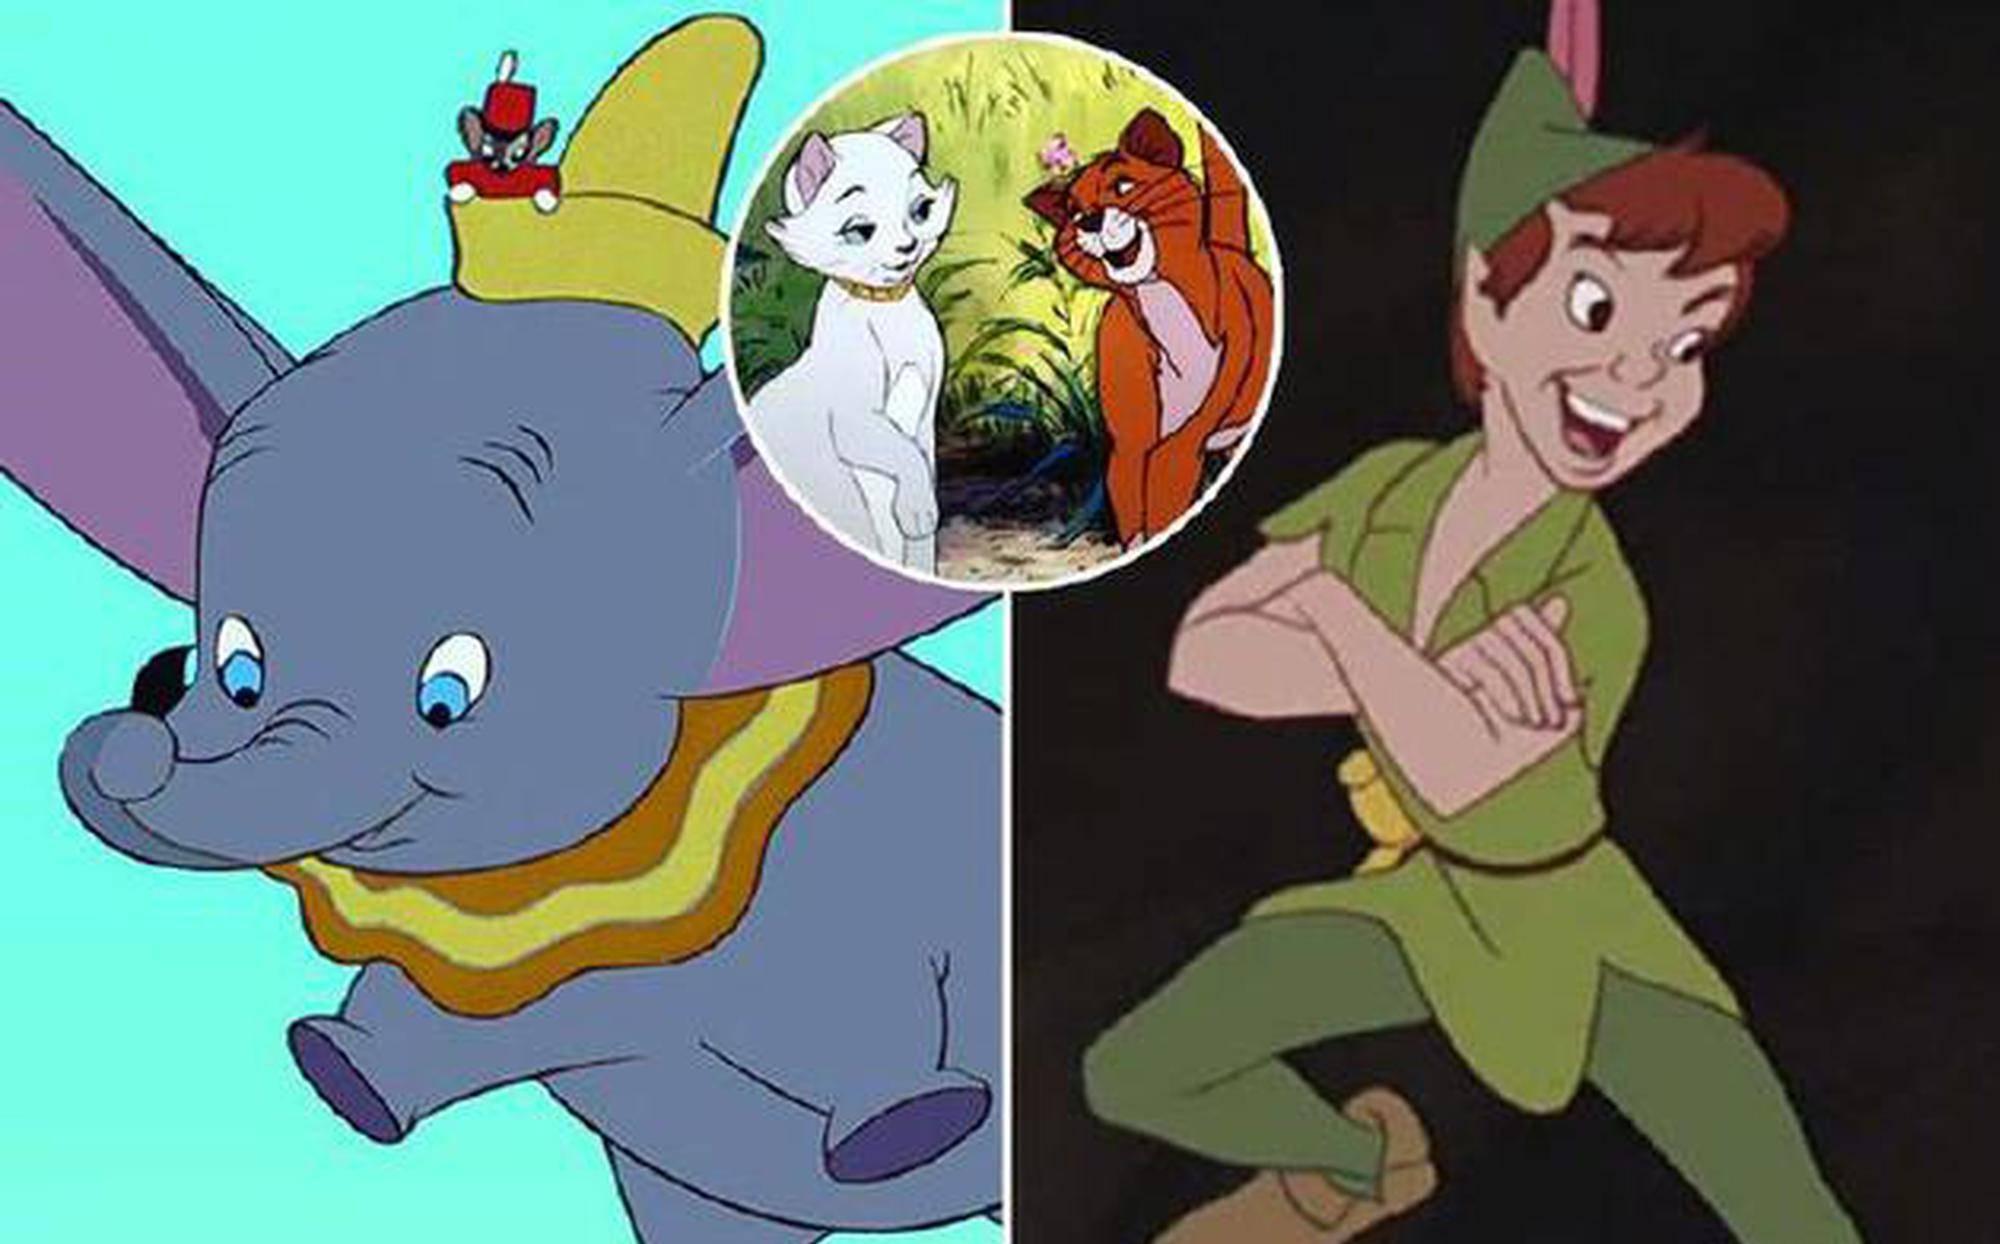 迪士尼儿童频道下架小飞象等动画电影:涉及刻板种族印星辉开户地址象